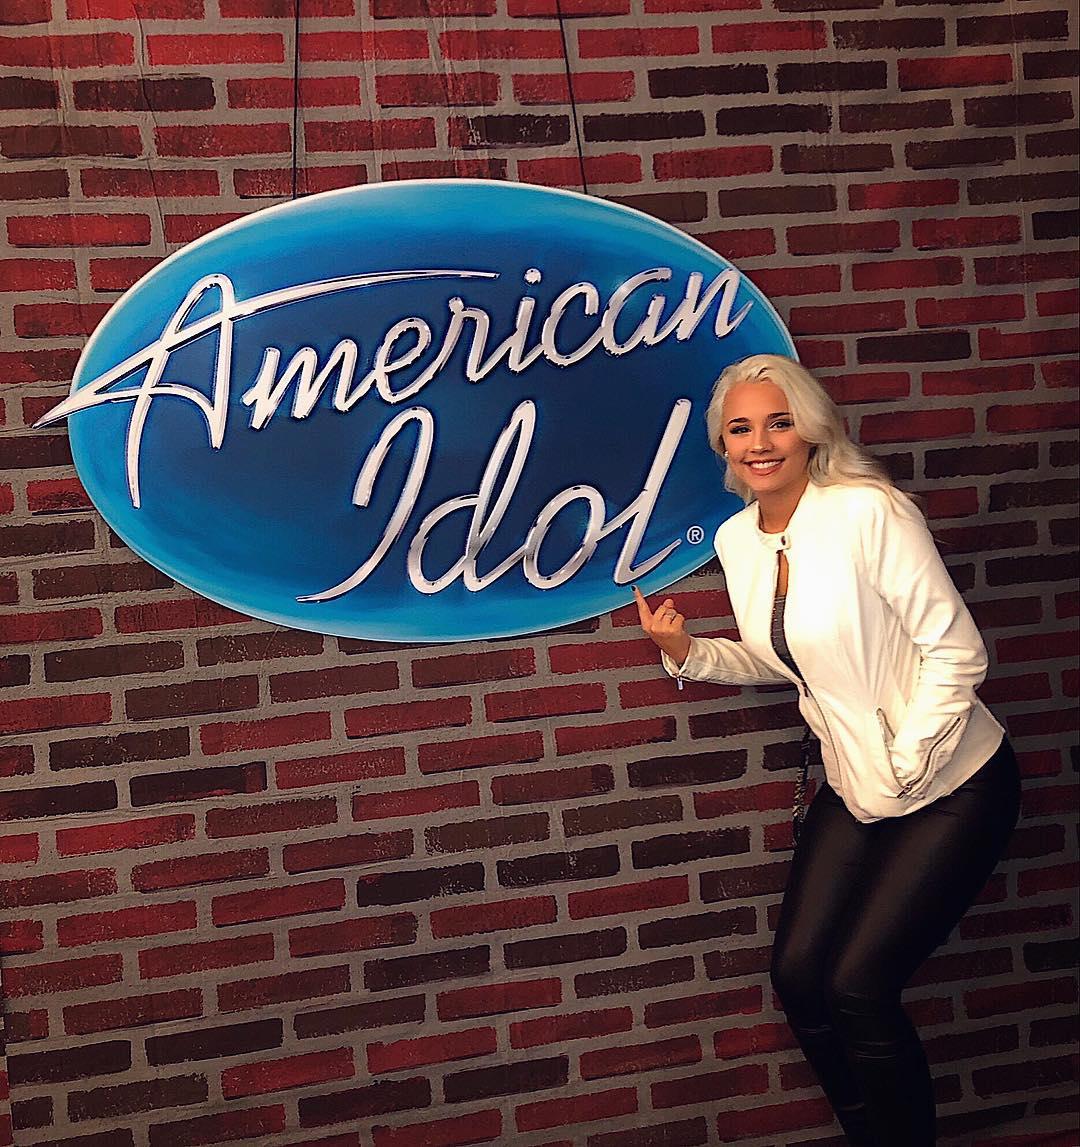 Gabby Barrett point out the American Idol logo